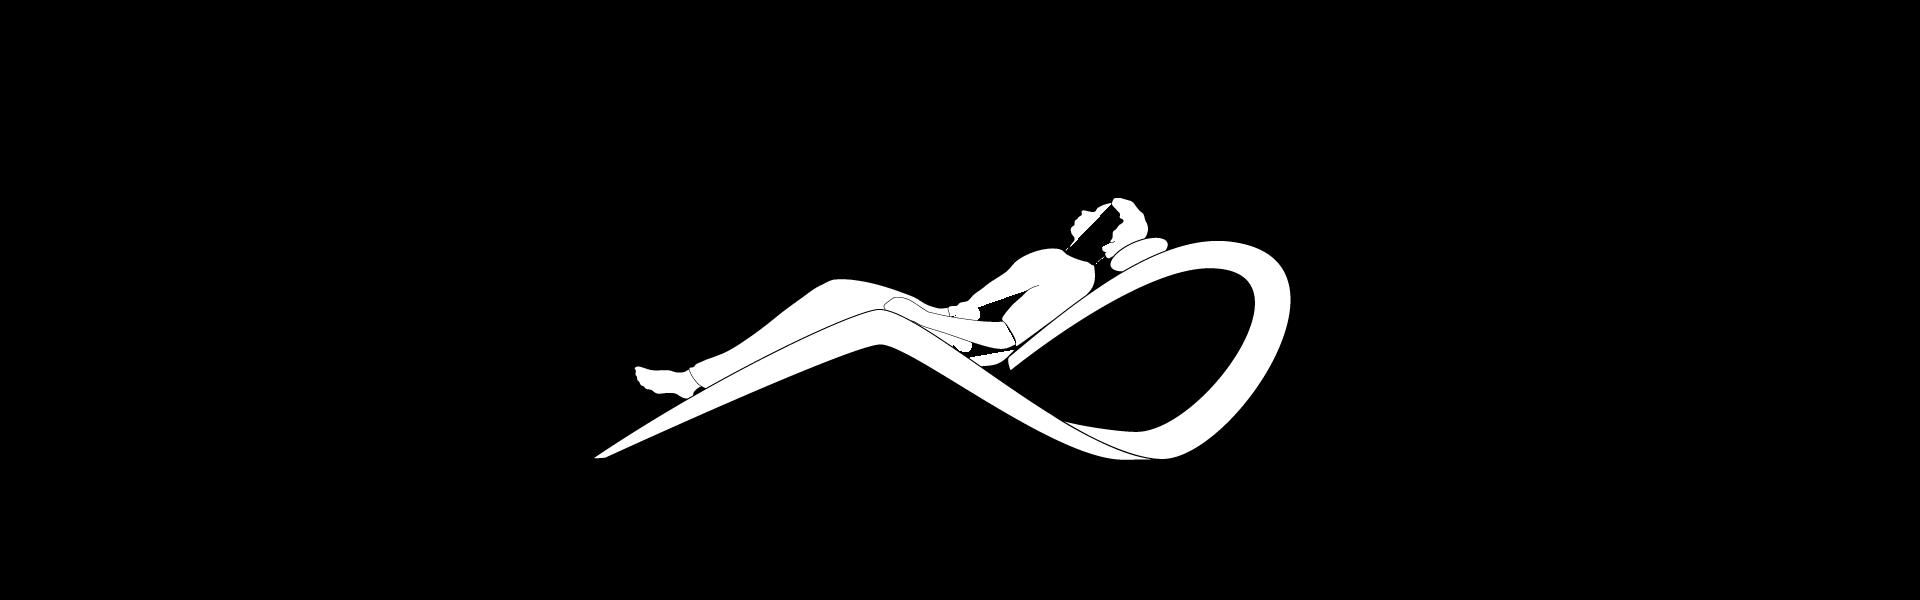 [Chaise Longue] Gifs Seção Modulos